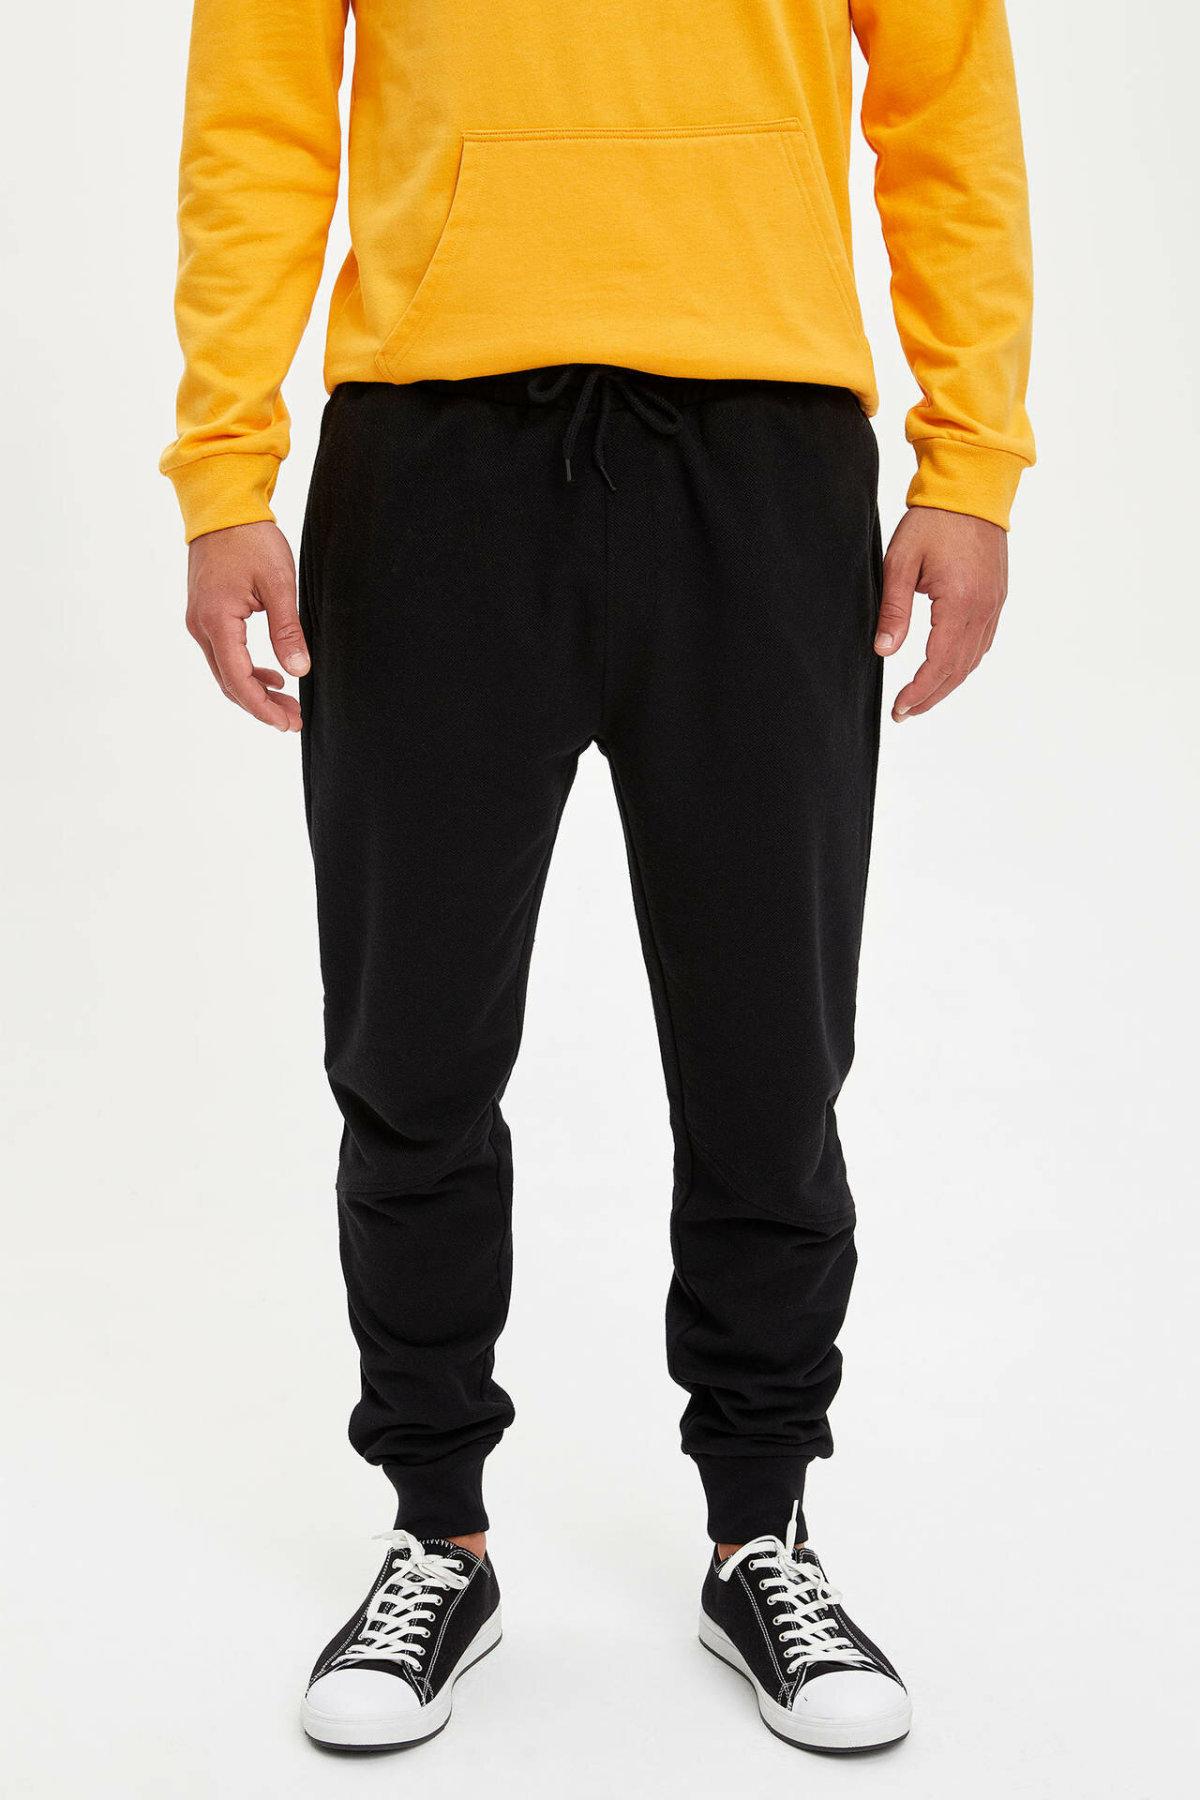 DeFacto Fashion Sport Pant Men's Solid Casual Drawstring Long Pants Jogging Sweatpants Male Simple New - L7094AZ19AU